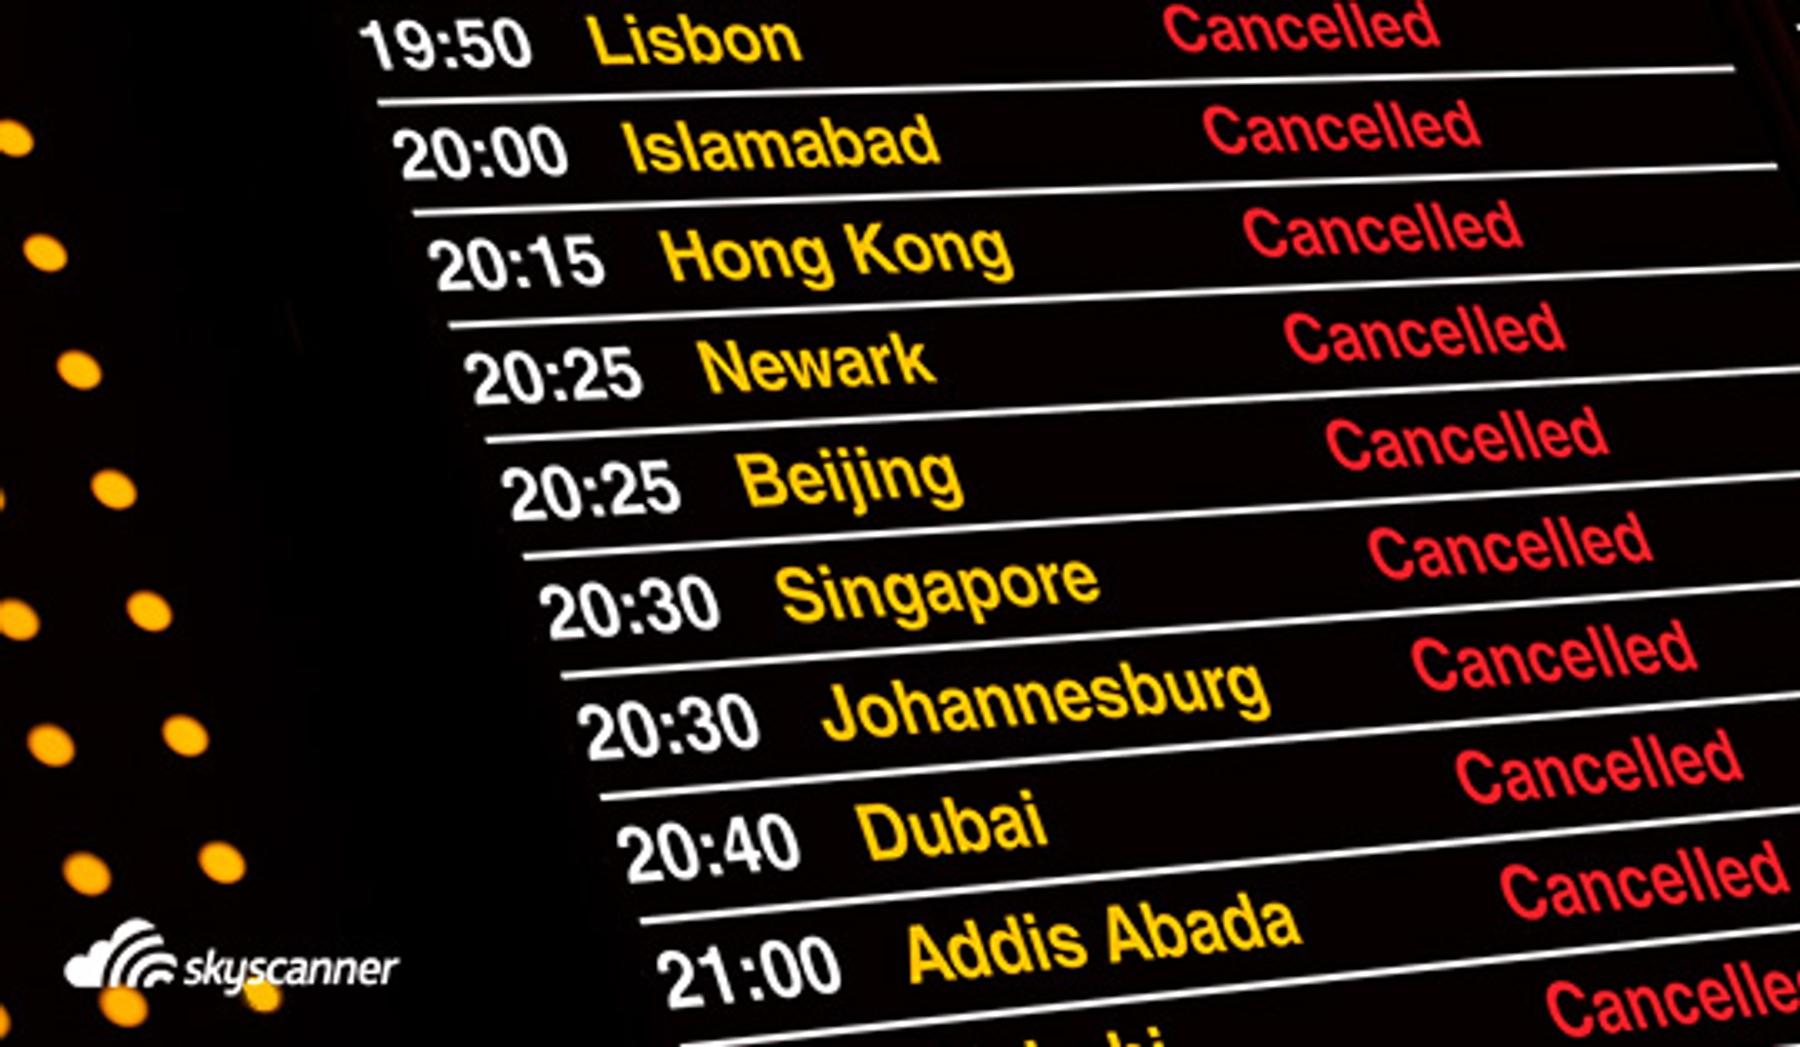 Informatieborden met vluchtgegevens op luchthaven